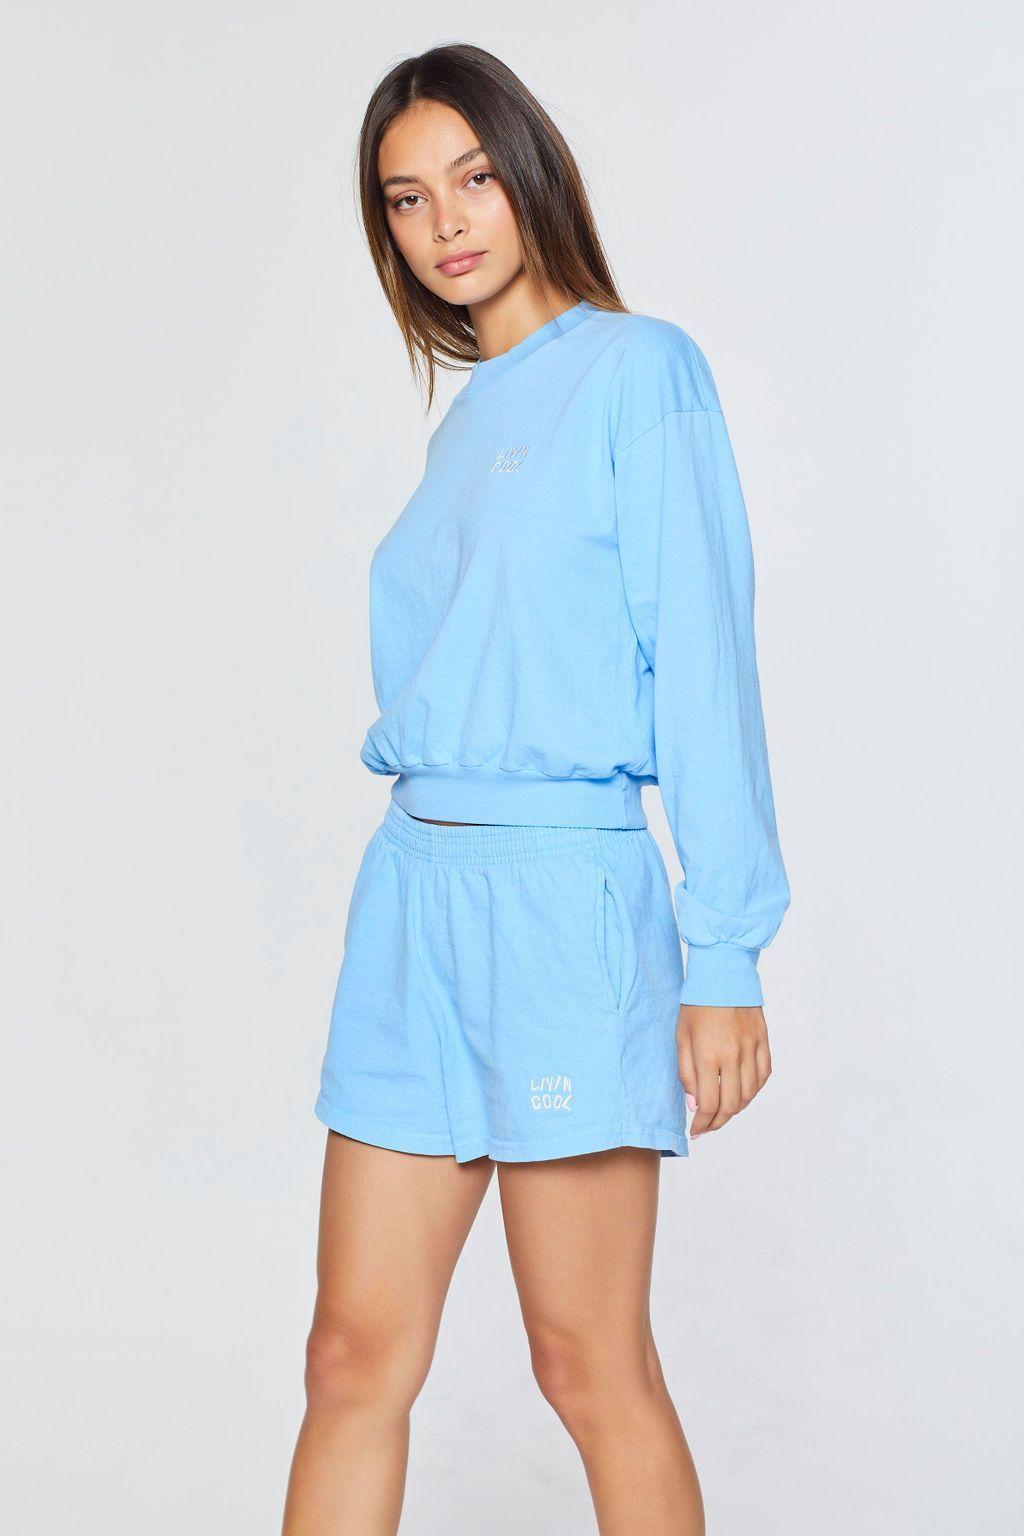 7 Loungewear Trends For When You Just Can T Buy Another Tie Dye Sweatsuit Lounge Wear Tie Dye Sweatsuit Loungewear Set [ 1536 x 1024 Pixel ]